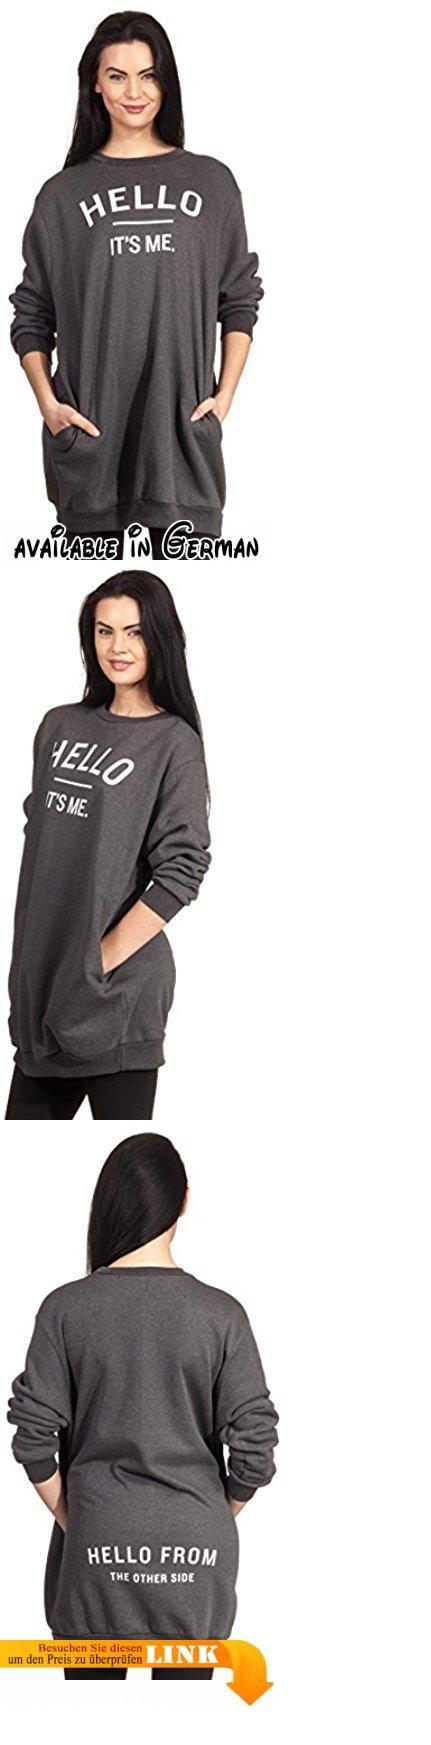 Hello Its Me Sweater Sweatshirt Oversize Print Song Lyrics Statement Aufdruck Lied Dunkelgrau S/M. Sweater Sweatshirt Oversize Pulli. Oversize Sweater mit Front- und Back Aufdruck. Vorderseite: Hello its me Rückseite: Hello from the other side. Instagram Stars lieben diesen Adele Pulli. Design & Verkauf by Loomiloo - All rights reserved #Apparel #SWEATER